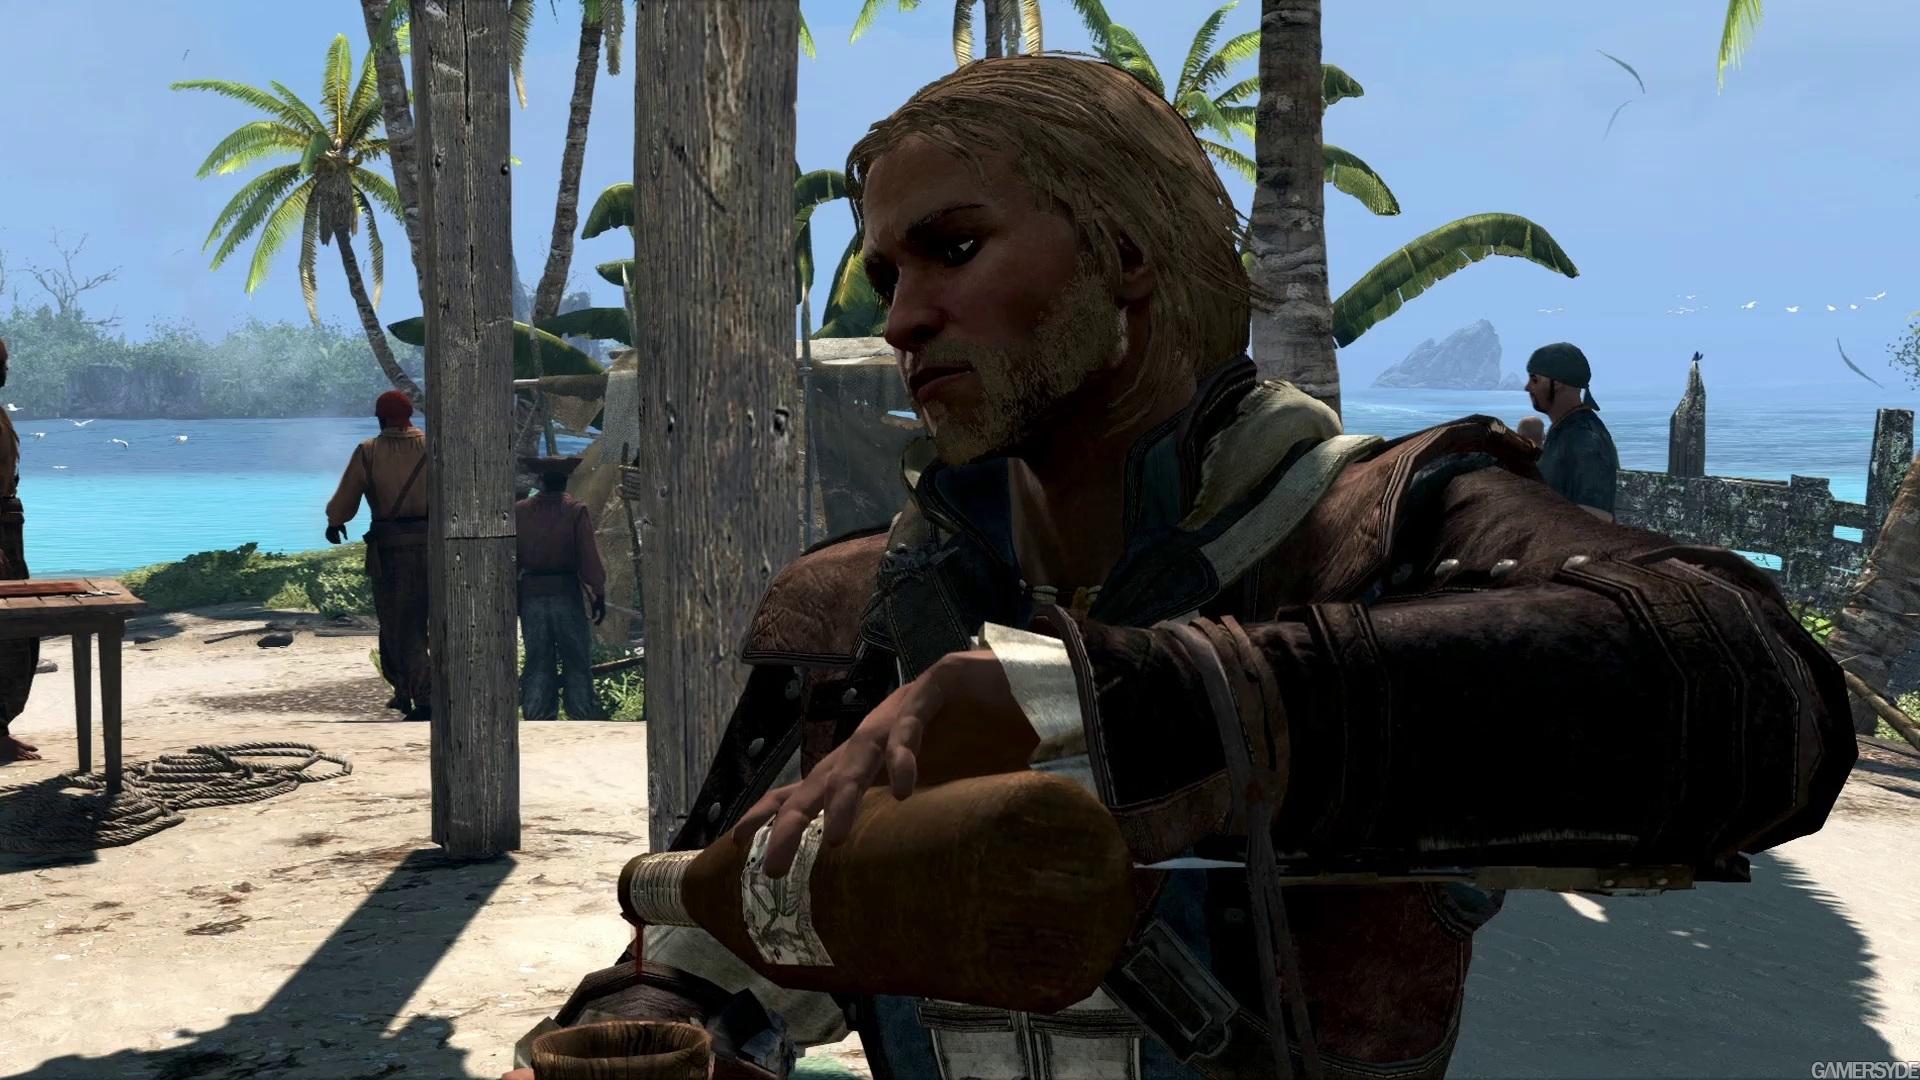 image   23118 1 0004 با تصاویر جدید Assassins Creed IV، شکار کوسه، پیدا کردن گنج ها در زیر آب و بیشتر را ببینید